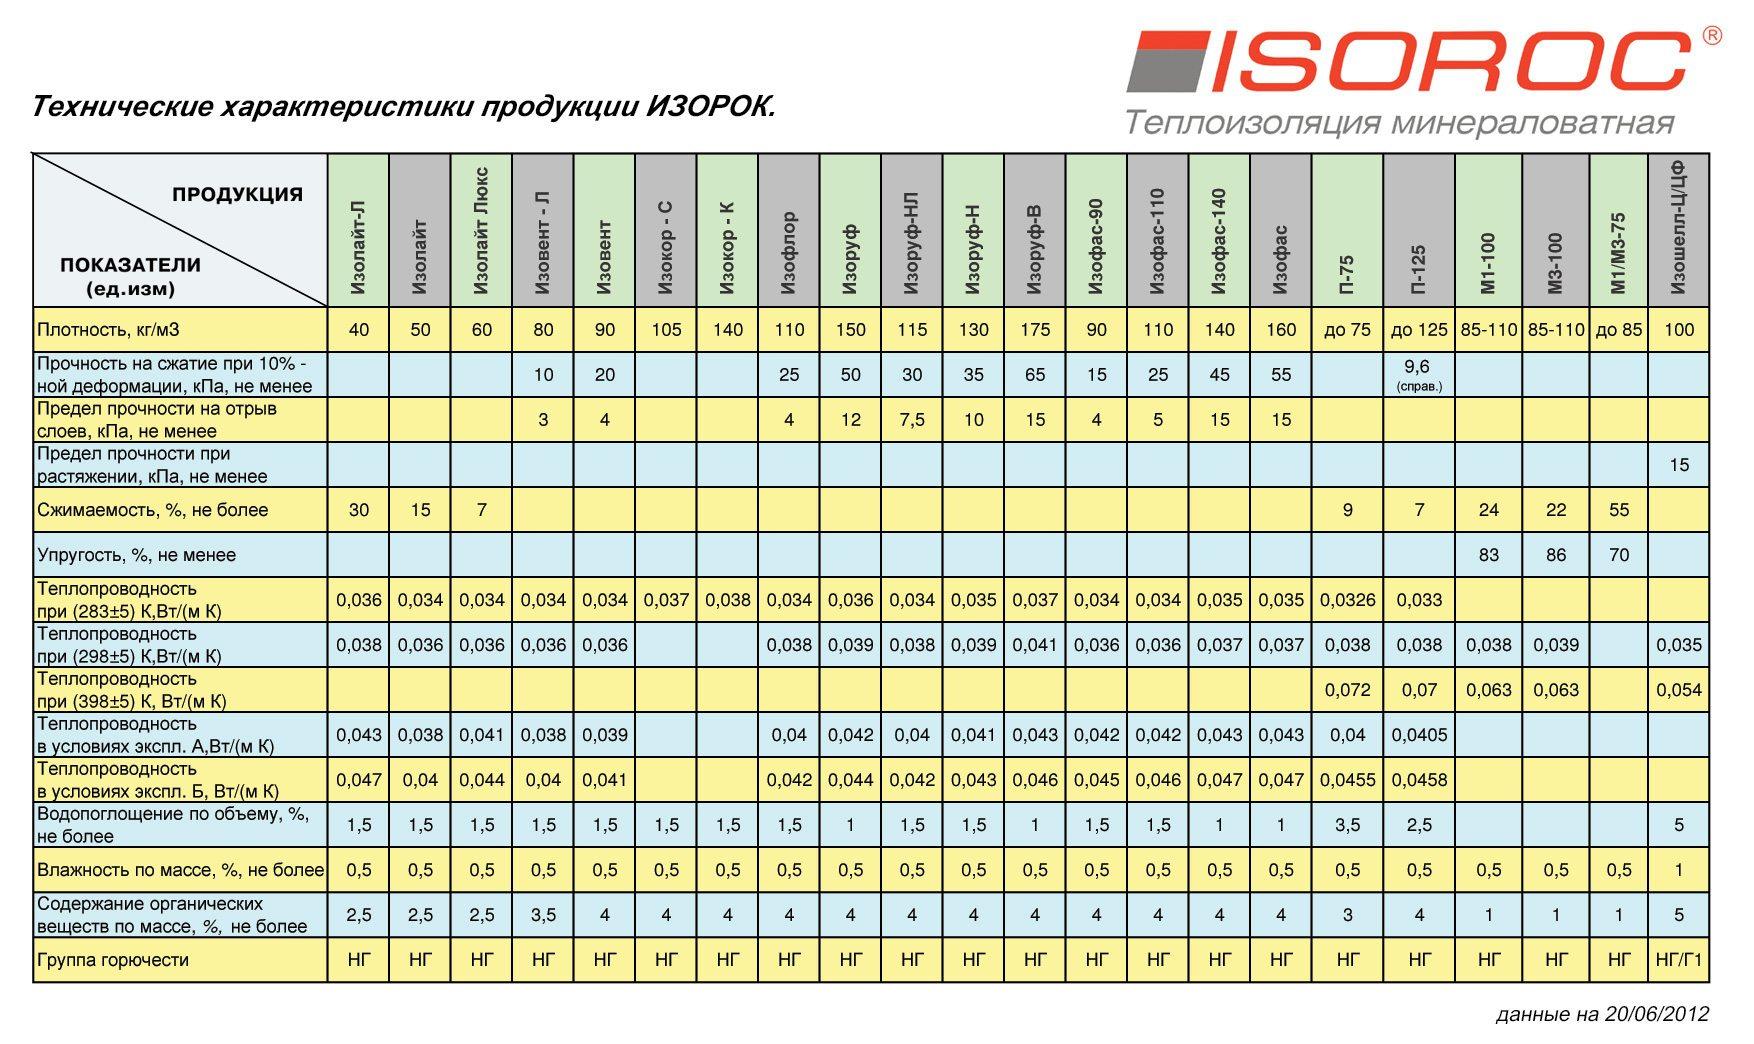 Технические характеристики материалов Изорок